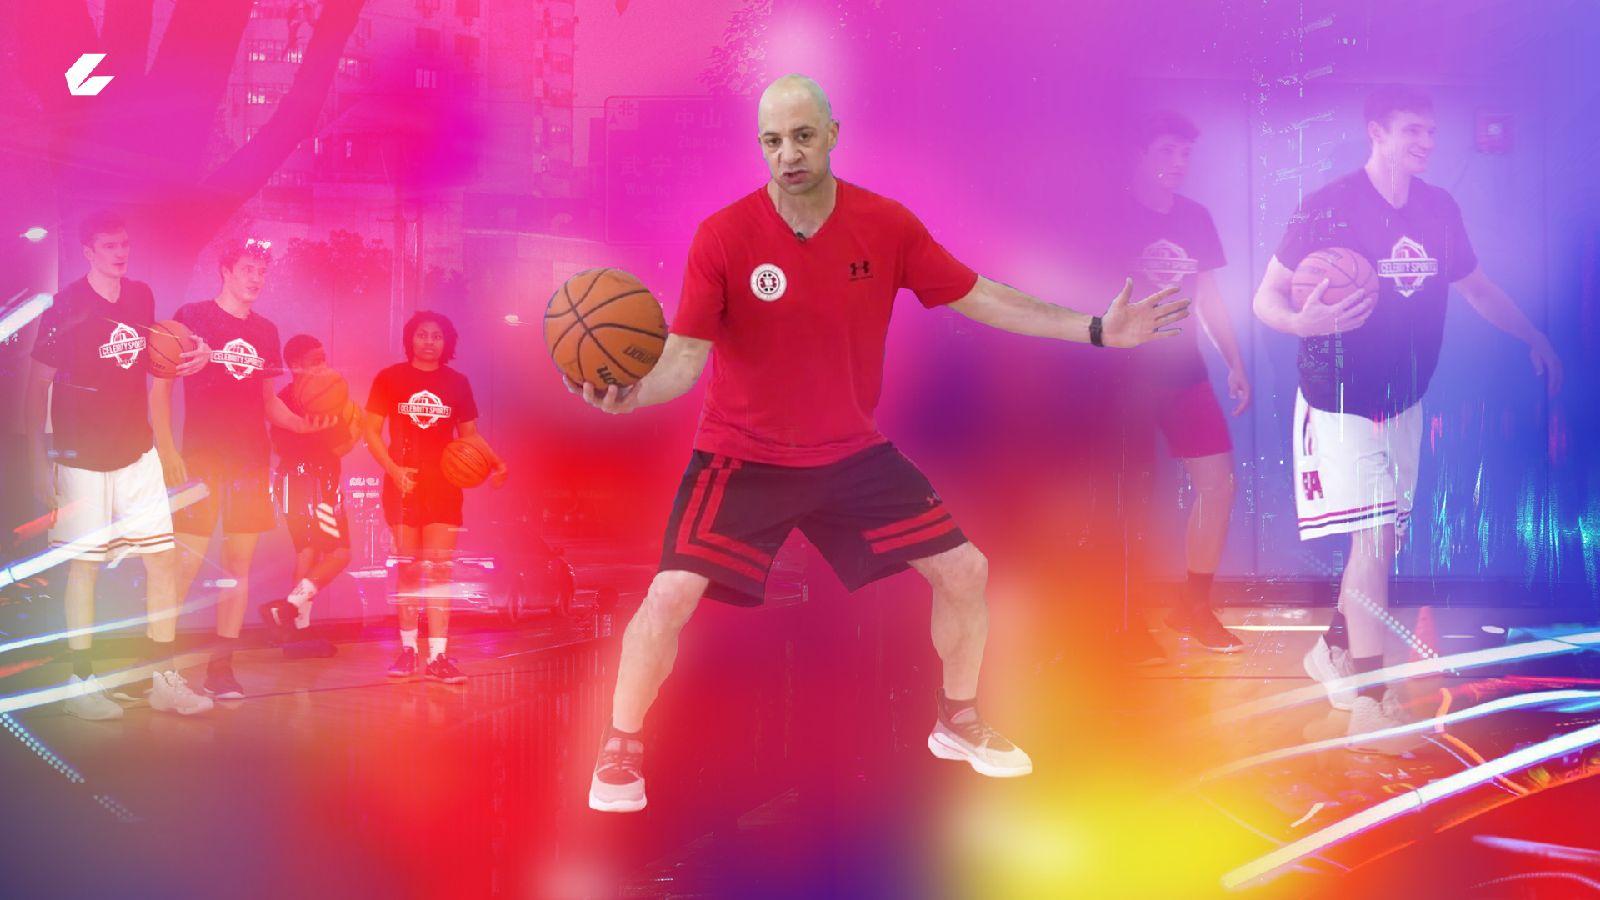 Basketball Training L2: Finishing School